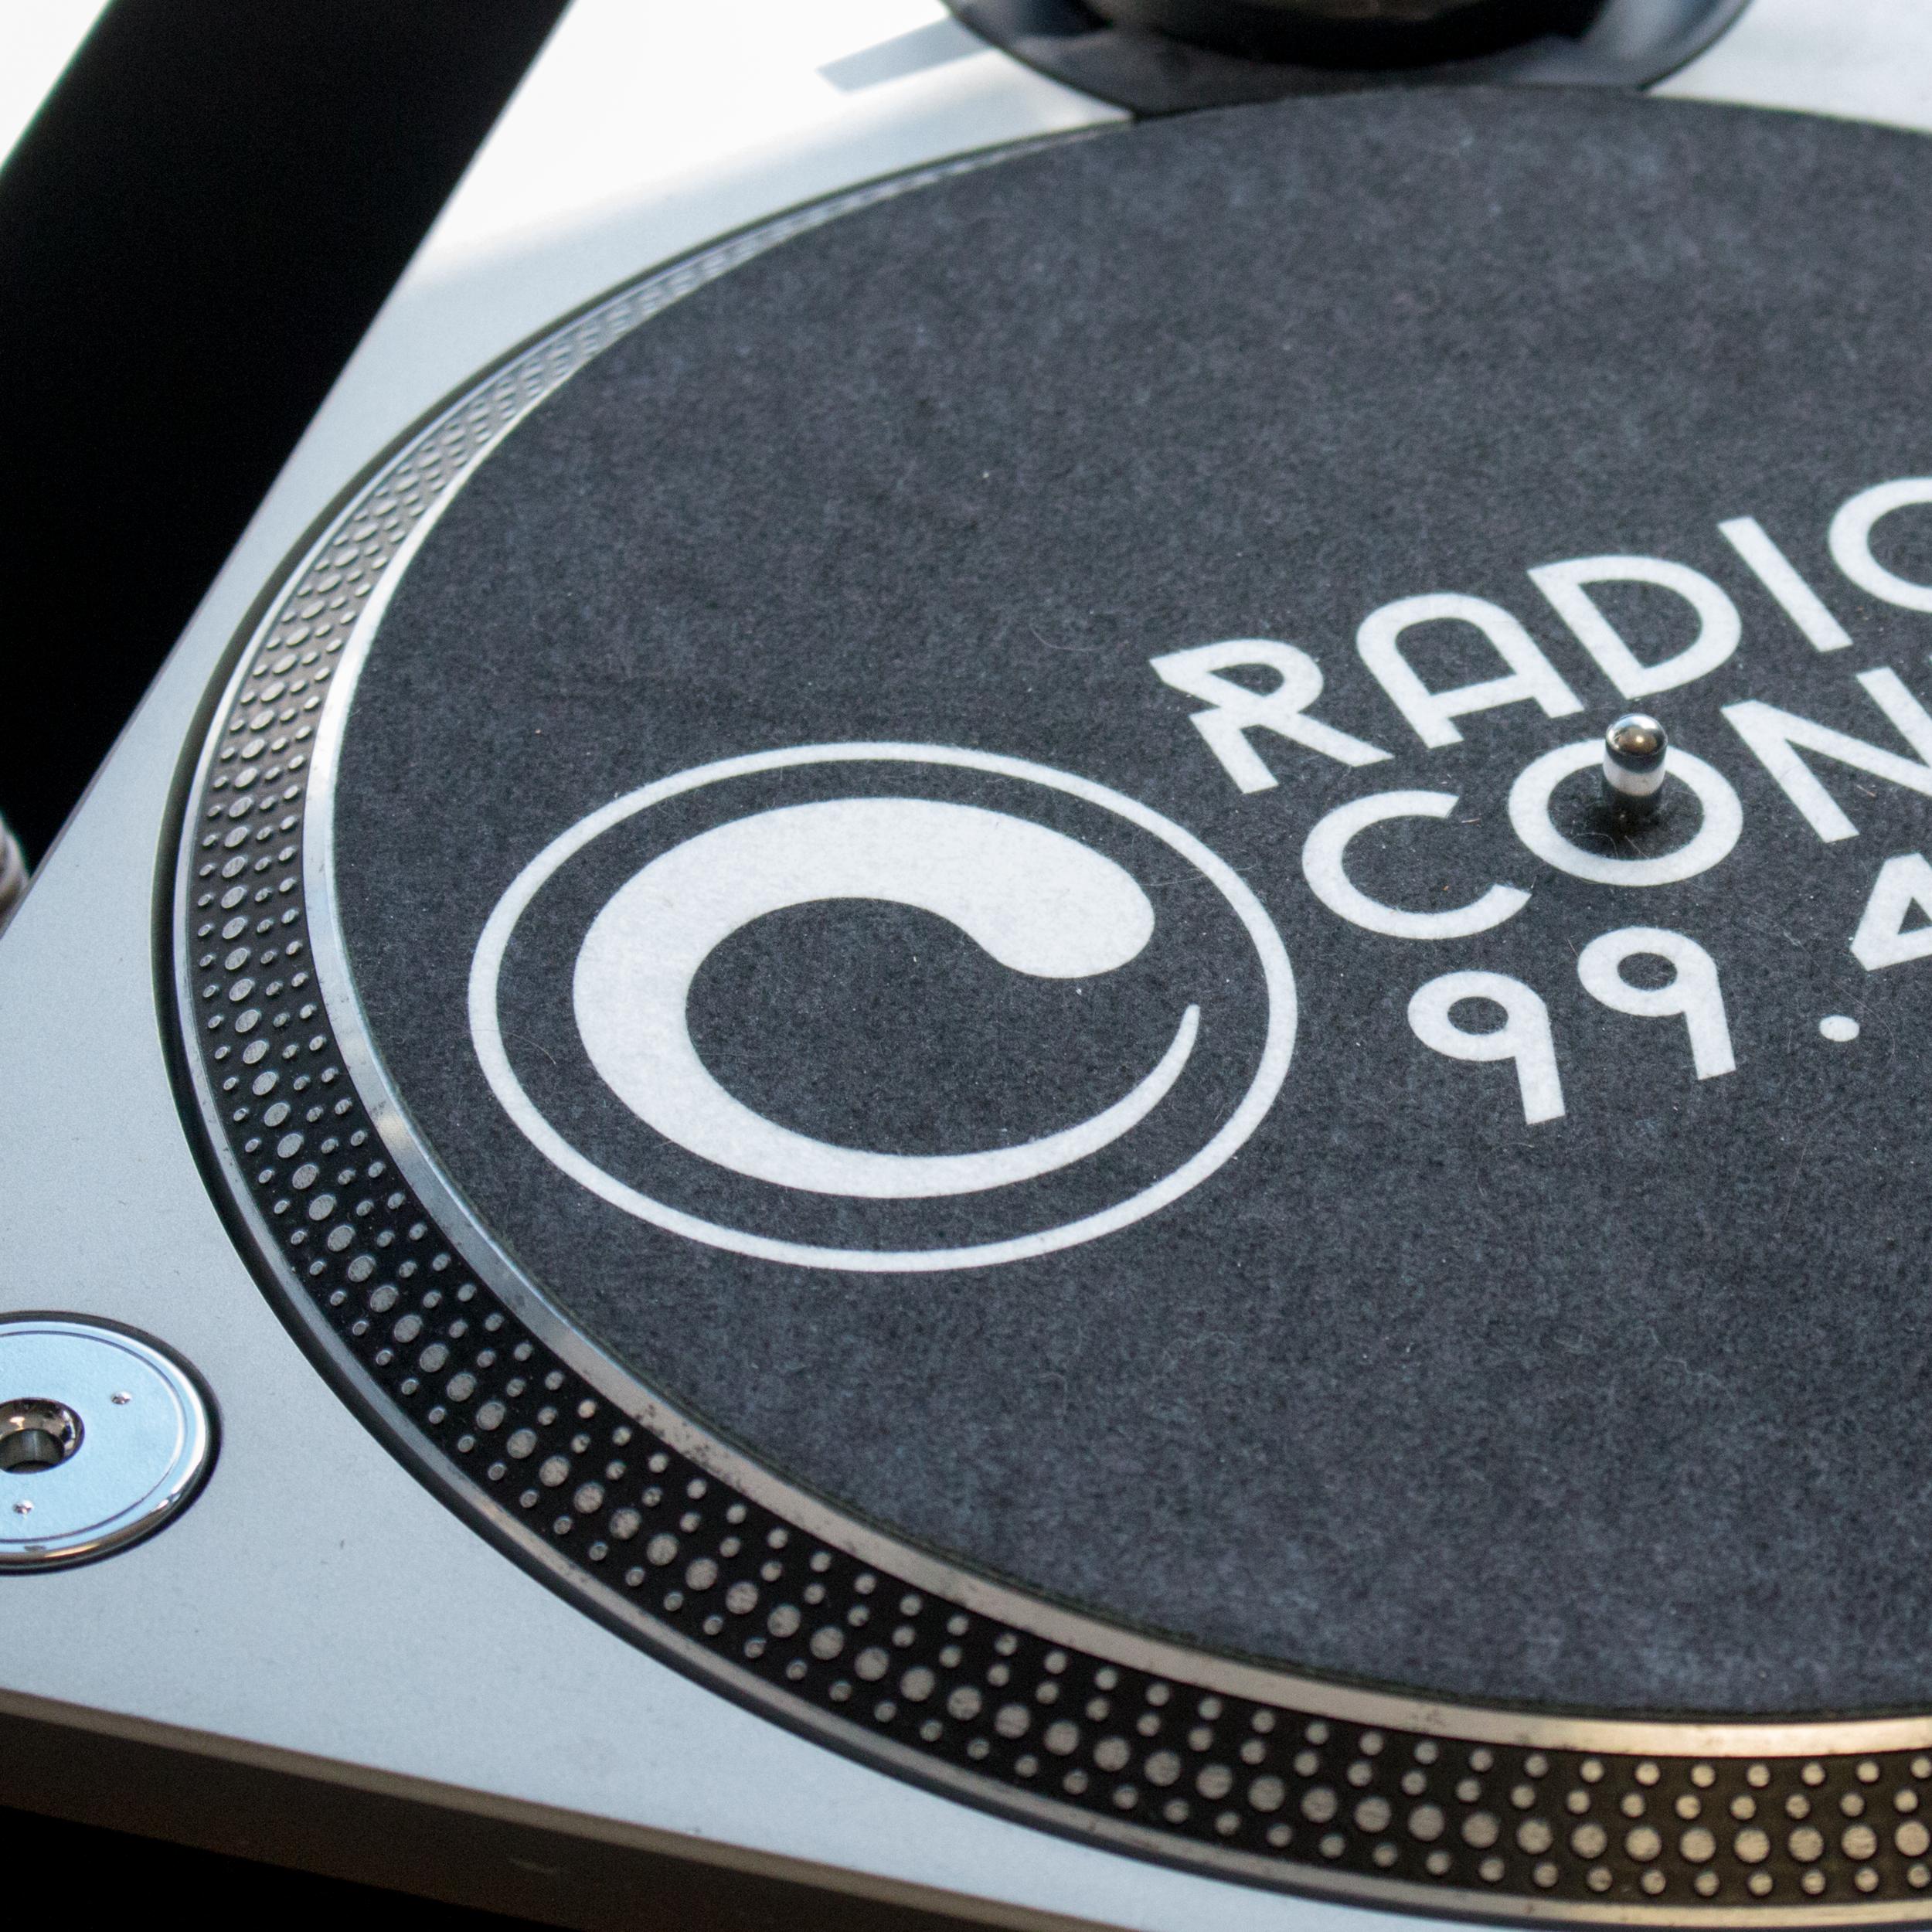 Radio Control.jpg